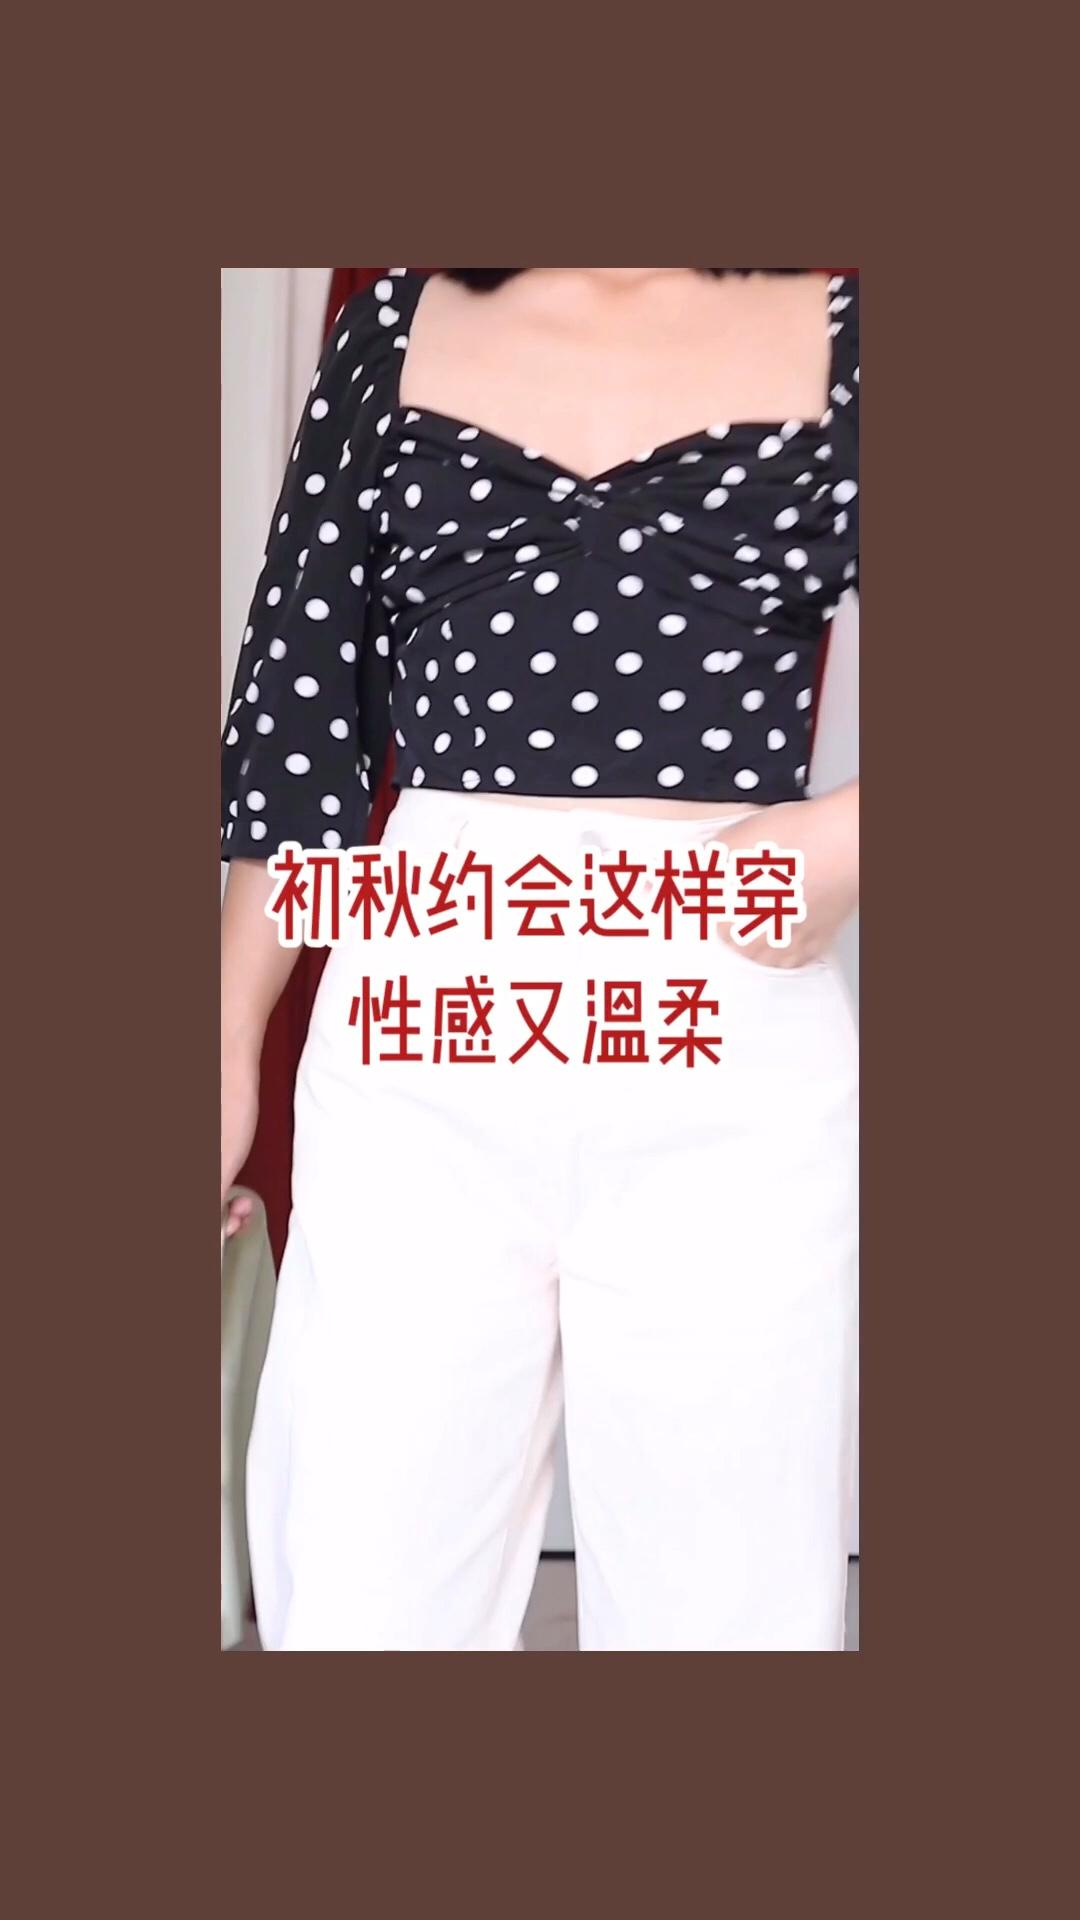 🌟屏幕下方查看商品链接🌟  8⃣️🈷️本期搭配心得: #长高10cm:腰线拉高术!#   本期搭配的是黑色法式上衣和白色直筒裤 重点推荐一下这条裤子,很显瘦,并且是非常好搭配的白色,夏天穿很清新哦~  喜欢请给我点赞❤️哦~